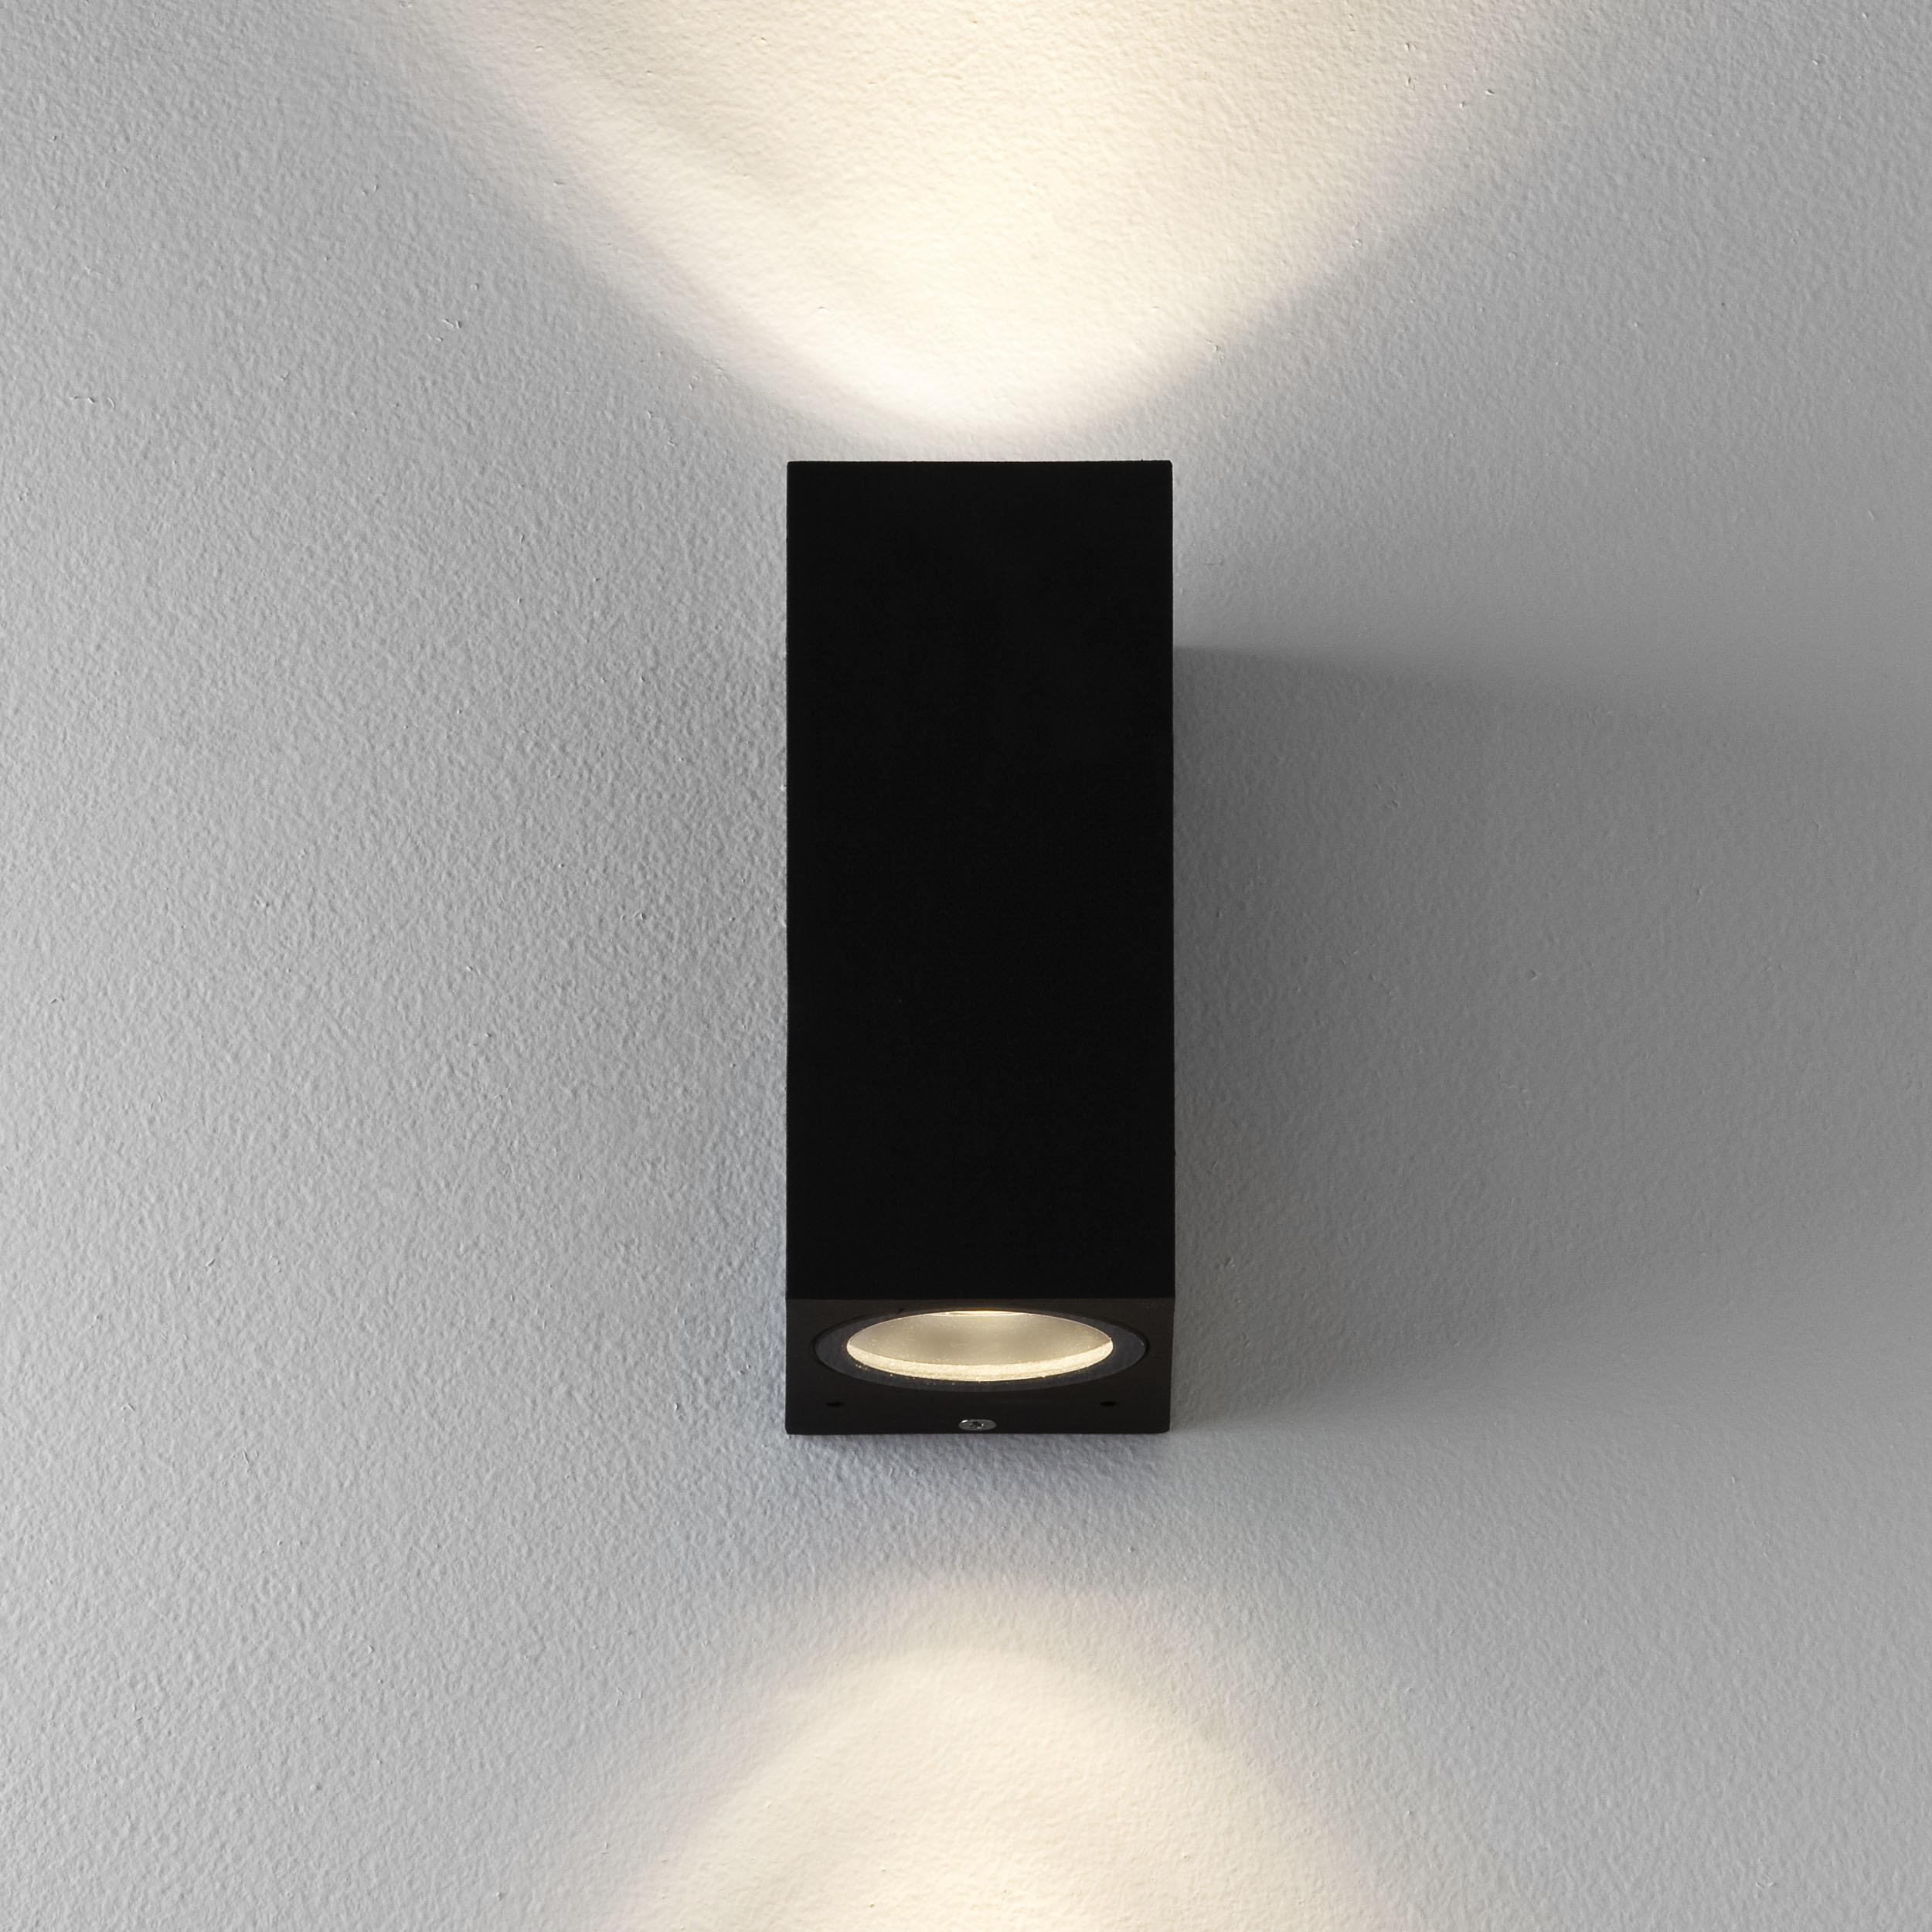 Настенный светильник Astro Chios 1310004 (7128), IP44, 2xGU10x6W, прозрачный, черный, металл, стекло - фото 2